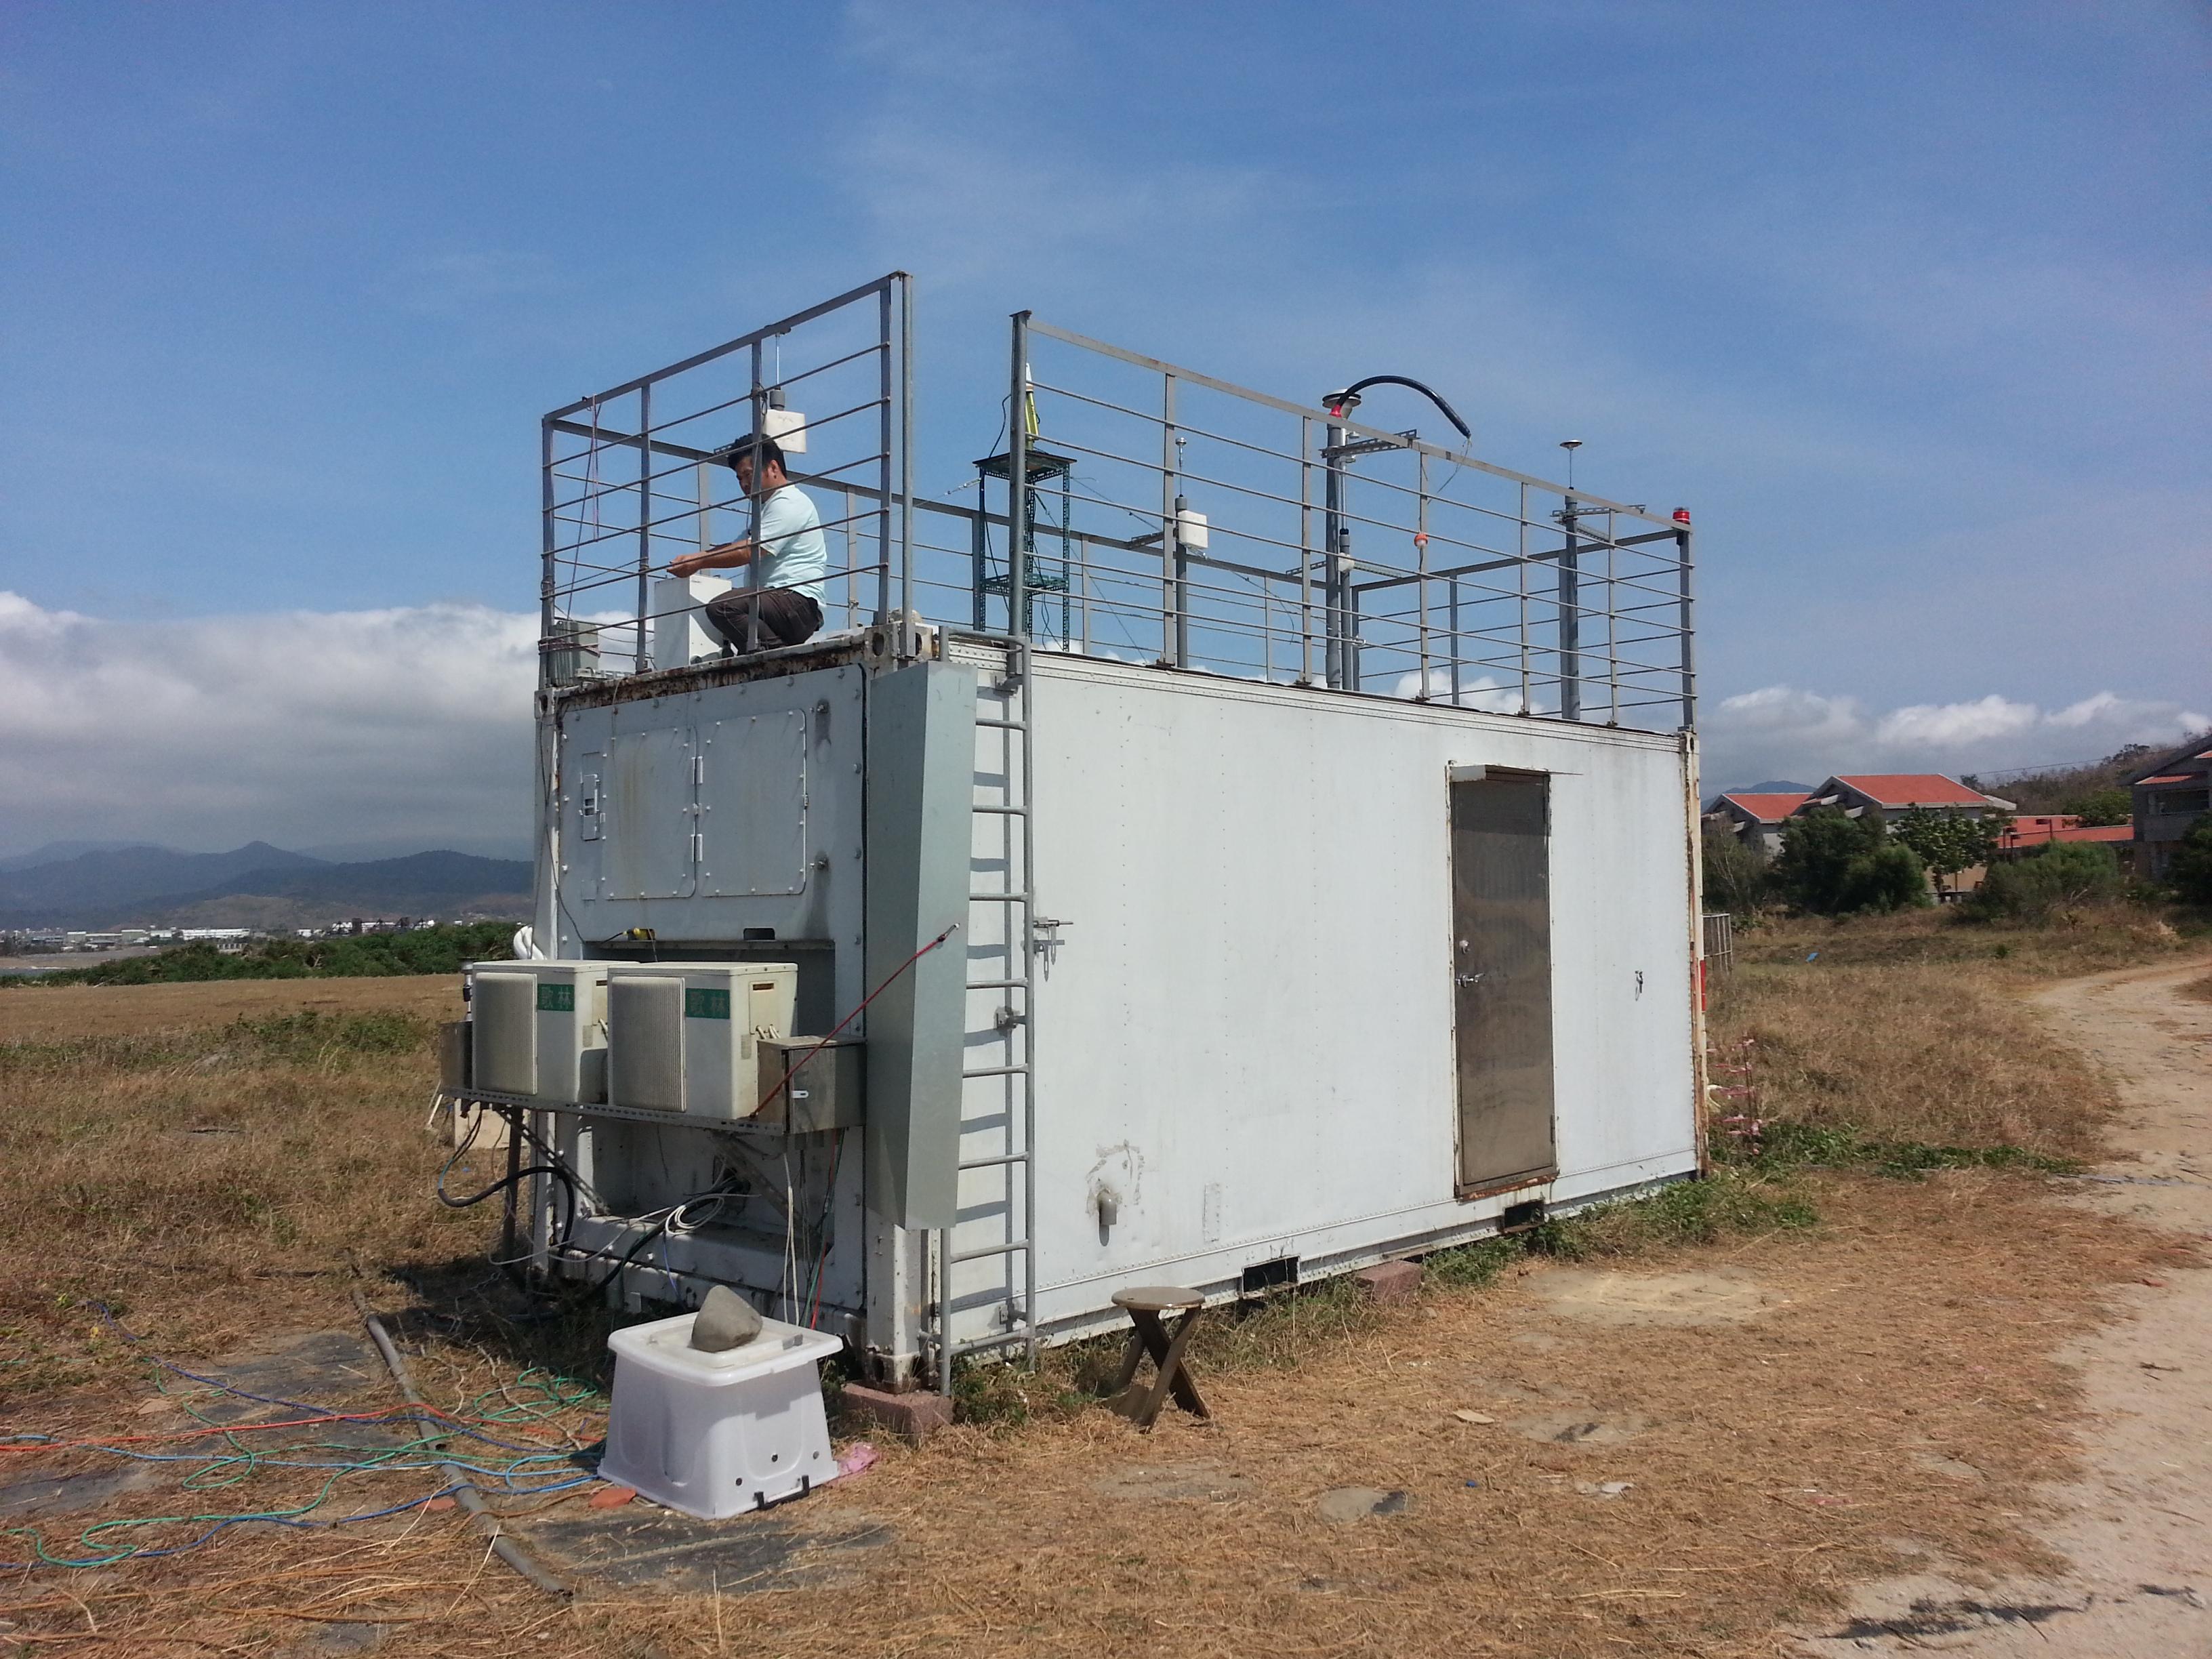 20130320 恆春 環保署測站